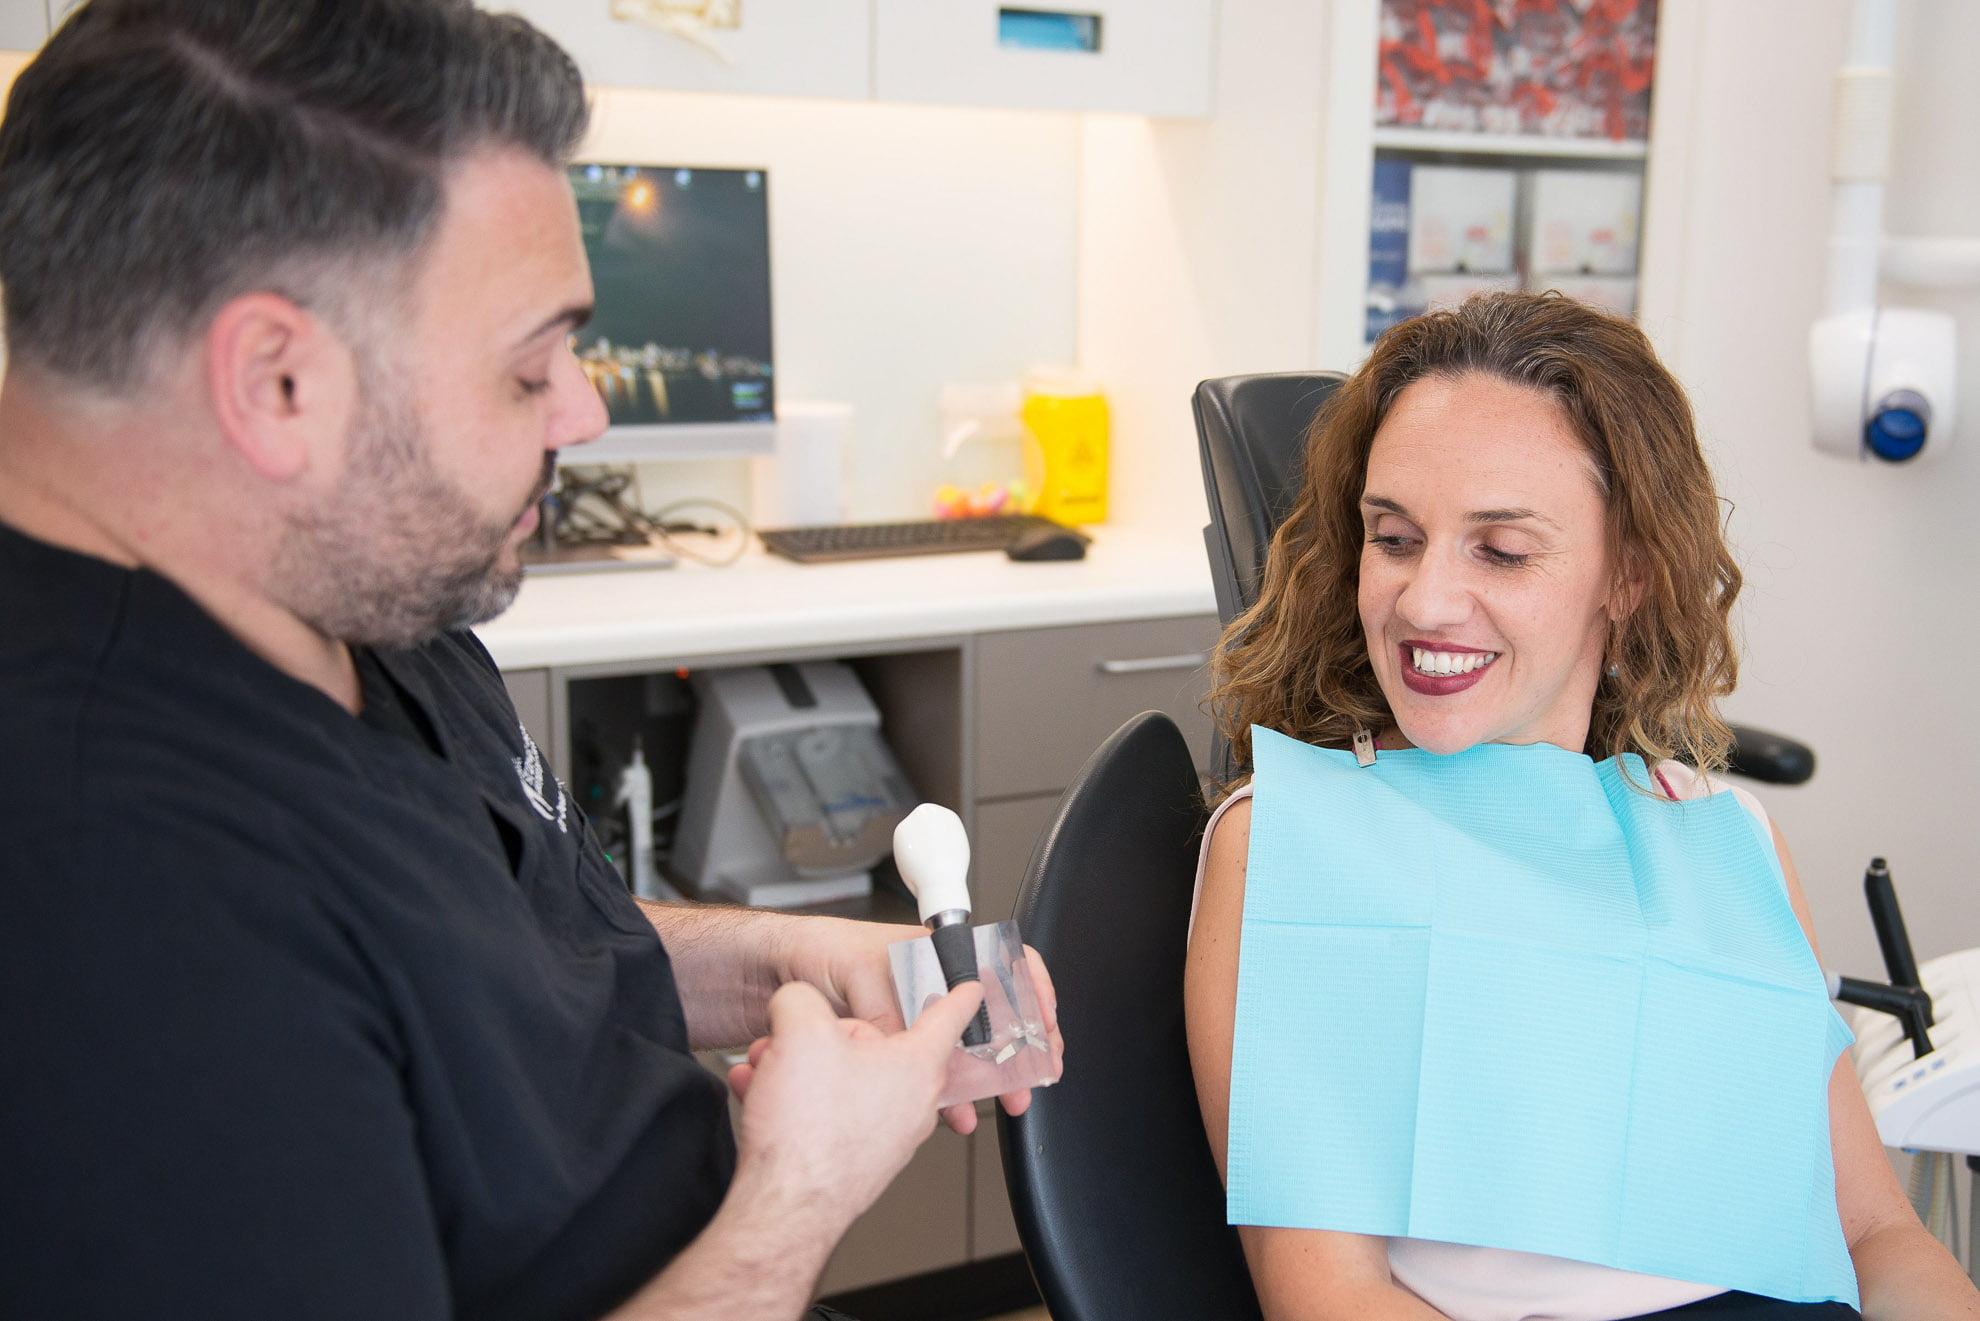 Dean showing Titanium implant model to patient